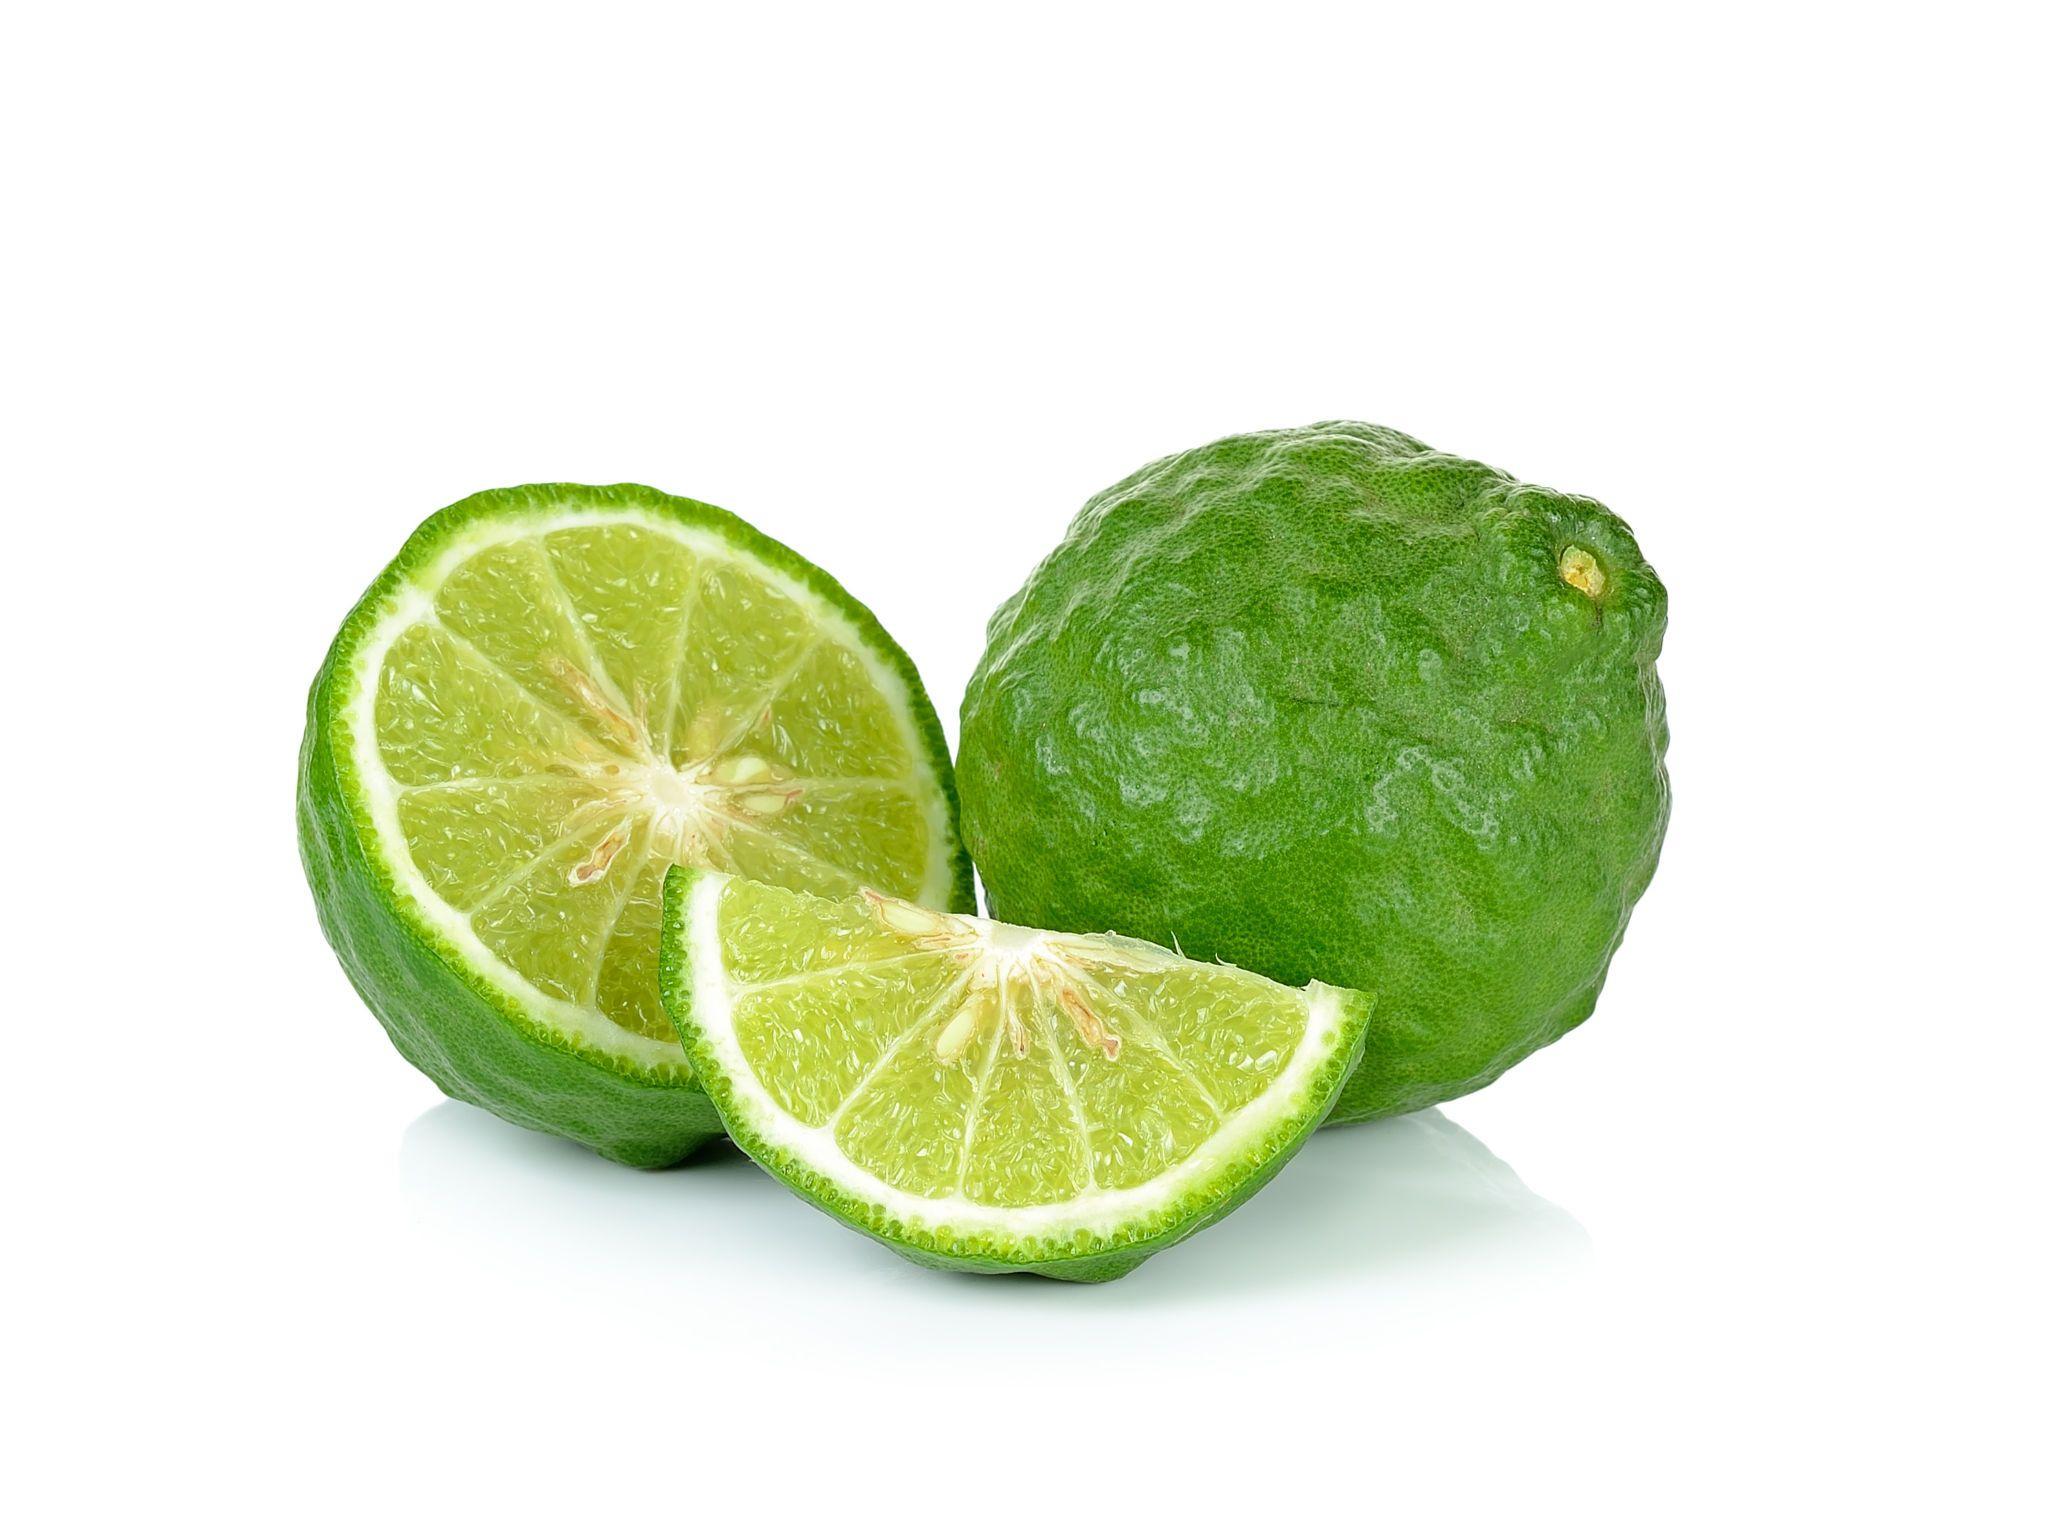 bergamot / มะกรูด | มะกรูด